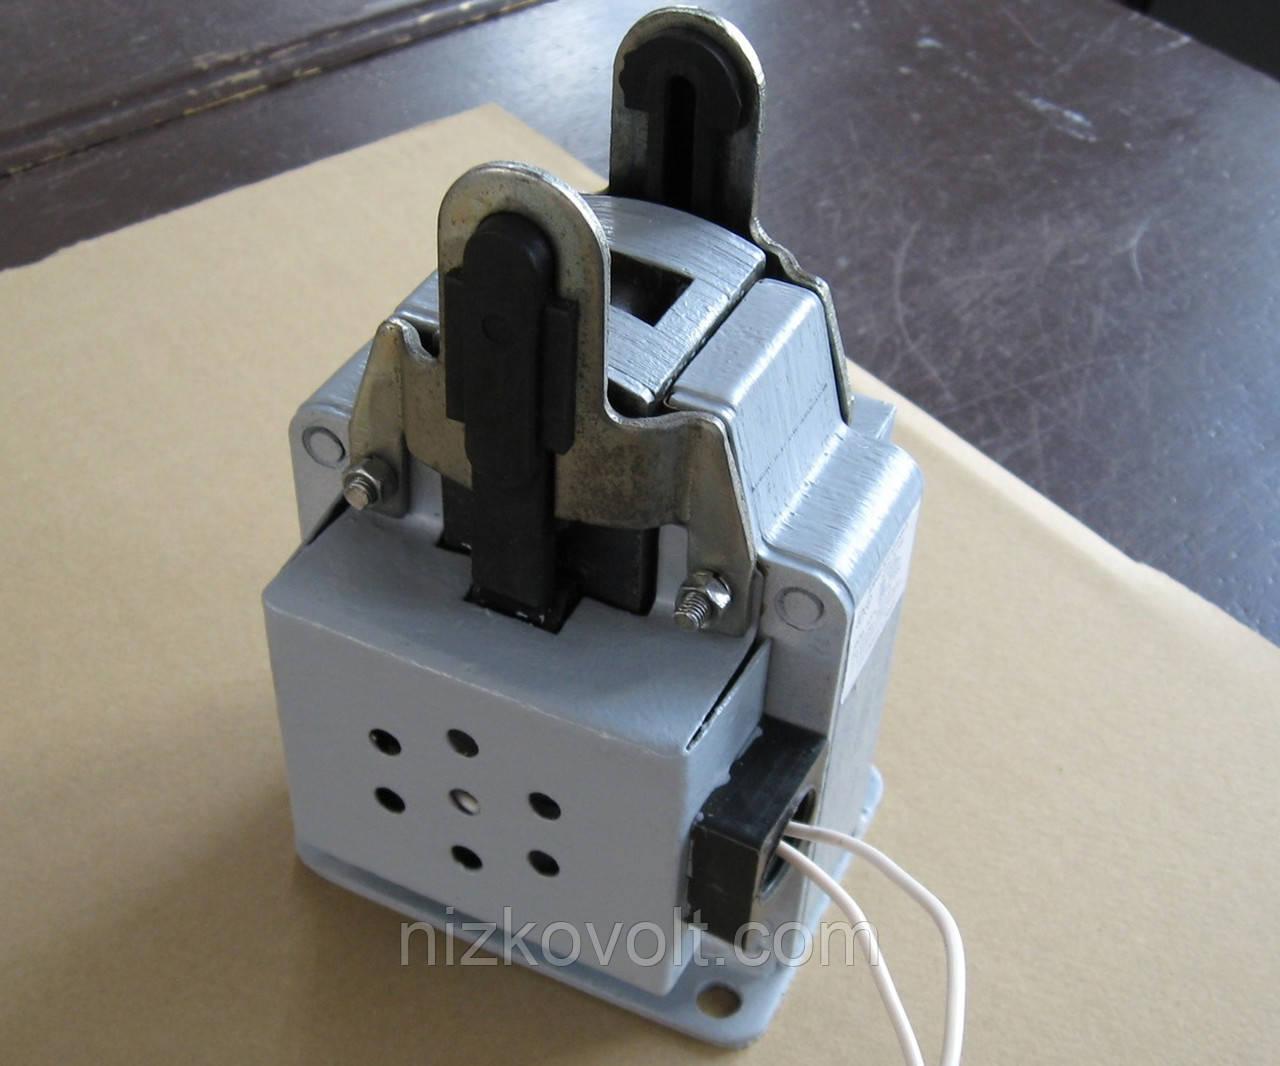 Электромагнит ЭМ 44-37-1361 толкающего и тянущего исполнения, фото 1